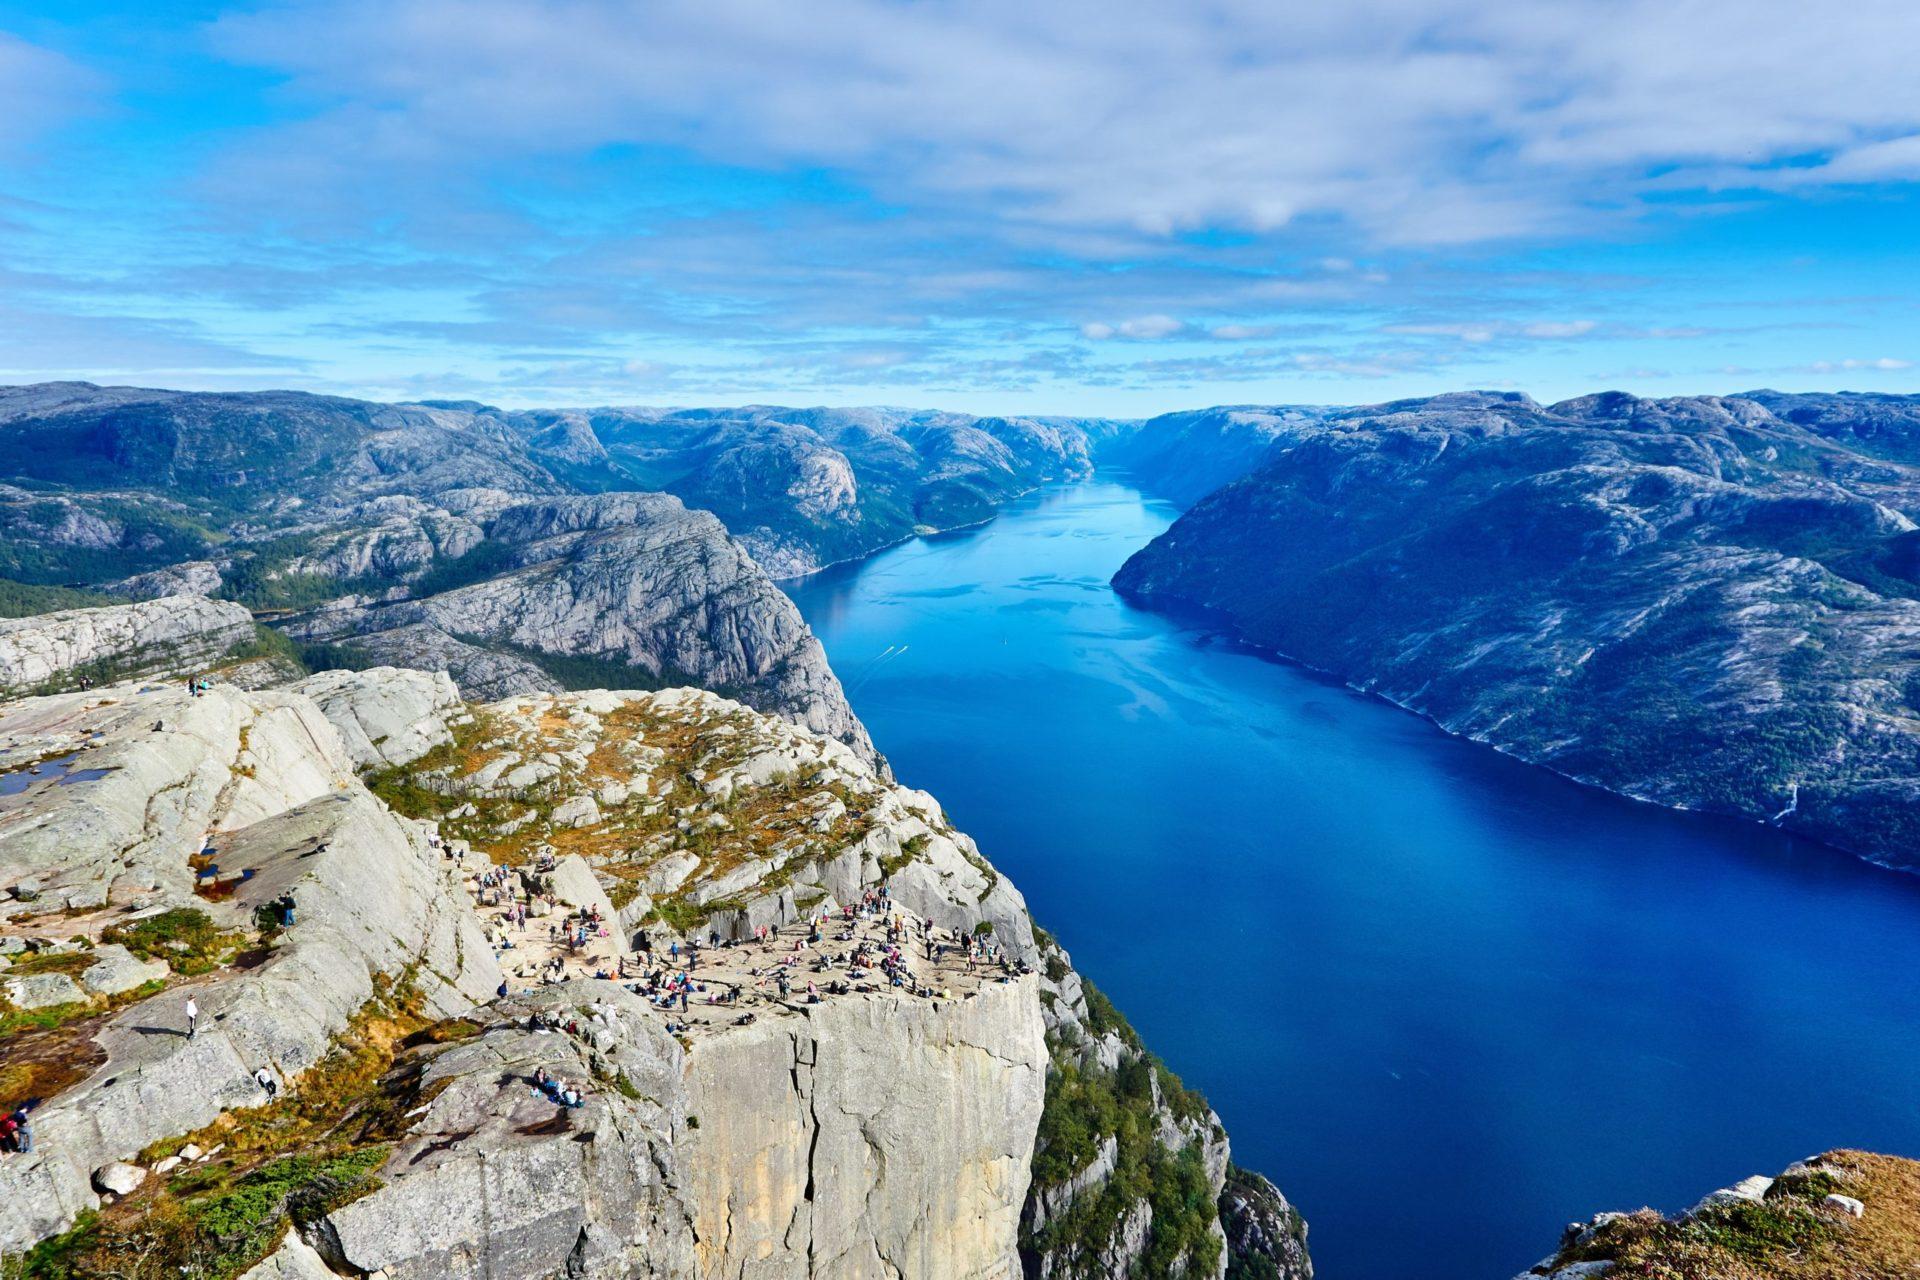 Wassertemperatur Norwegen: Blick von oben auf die Felsplattform Preikestolen und den darunter liegenden Lysefjord